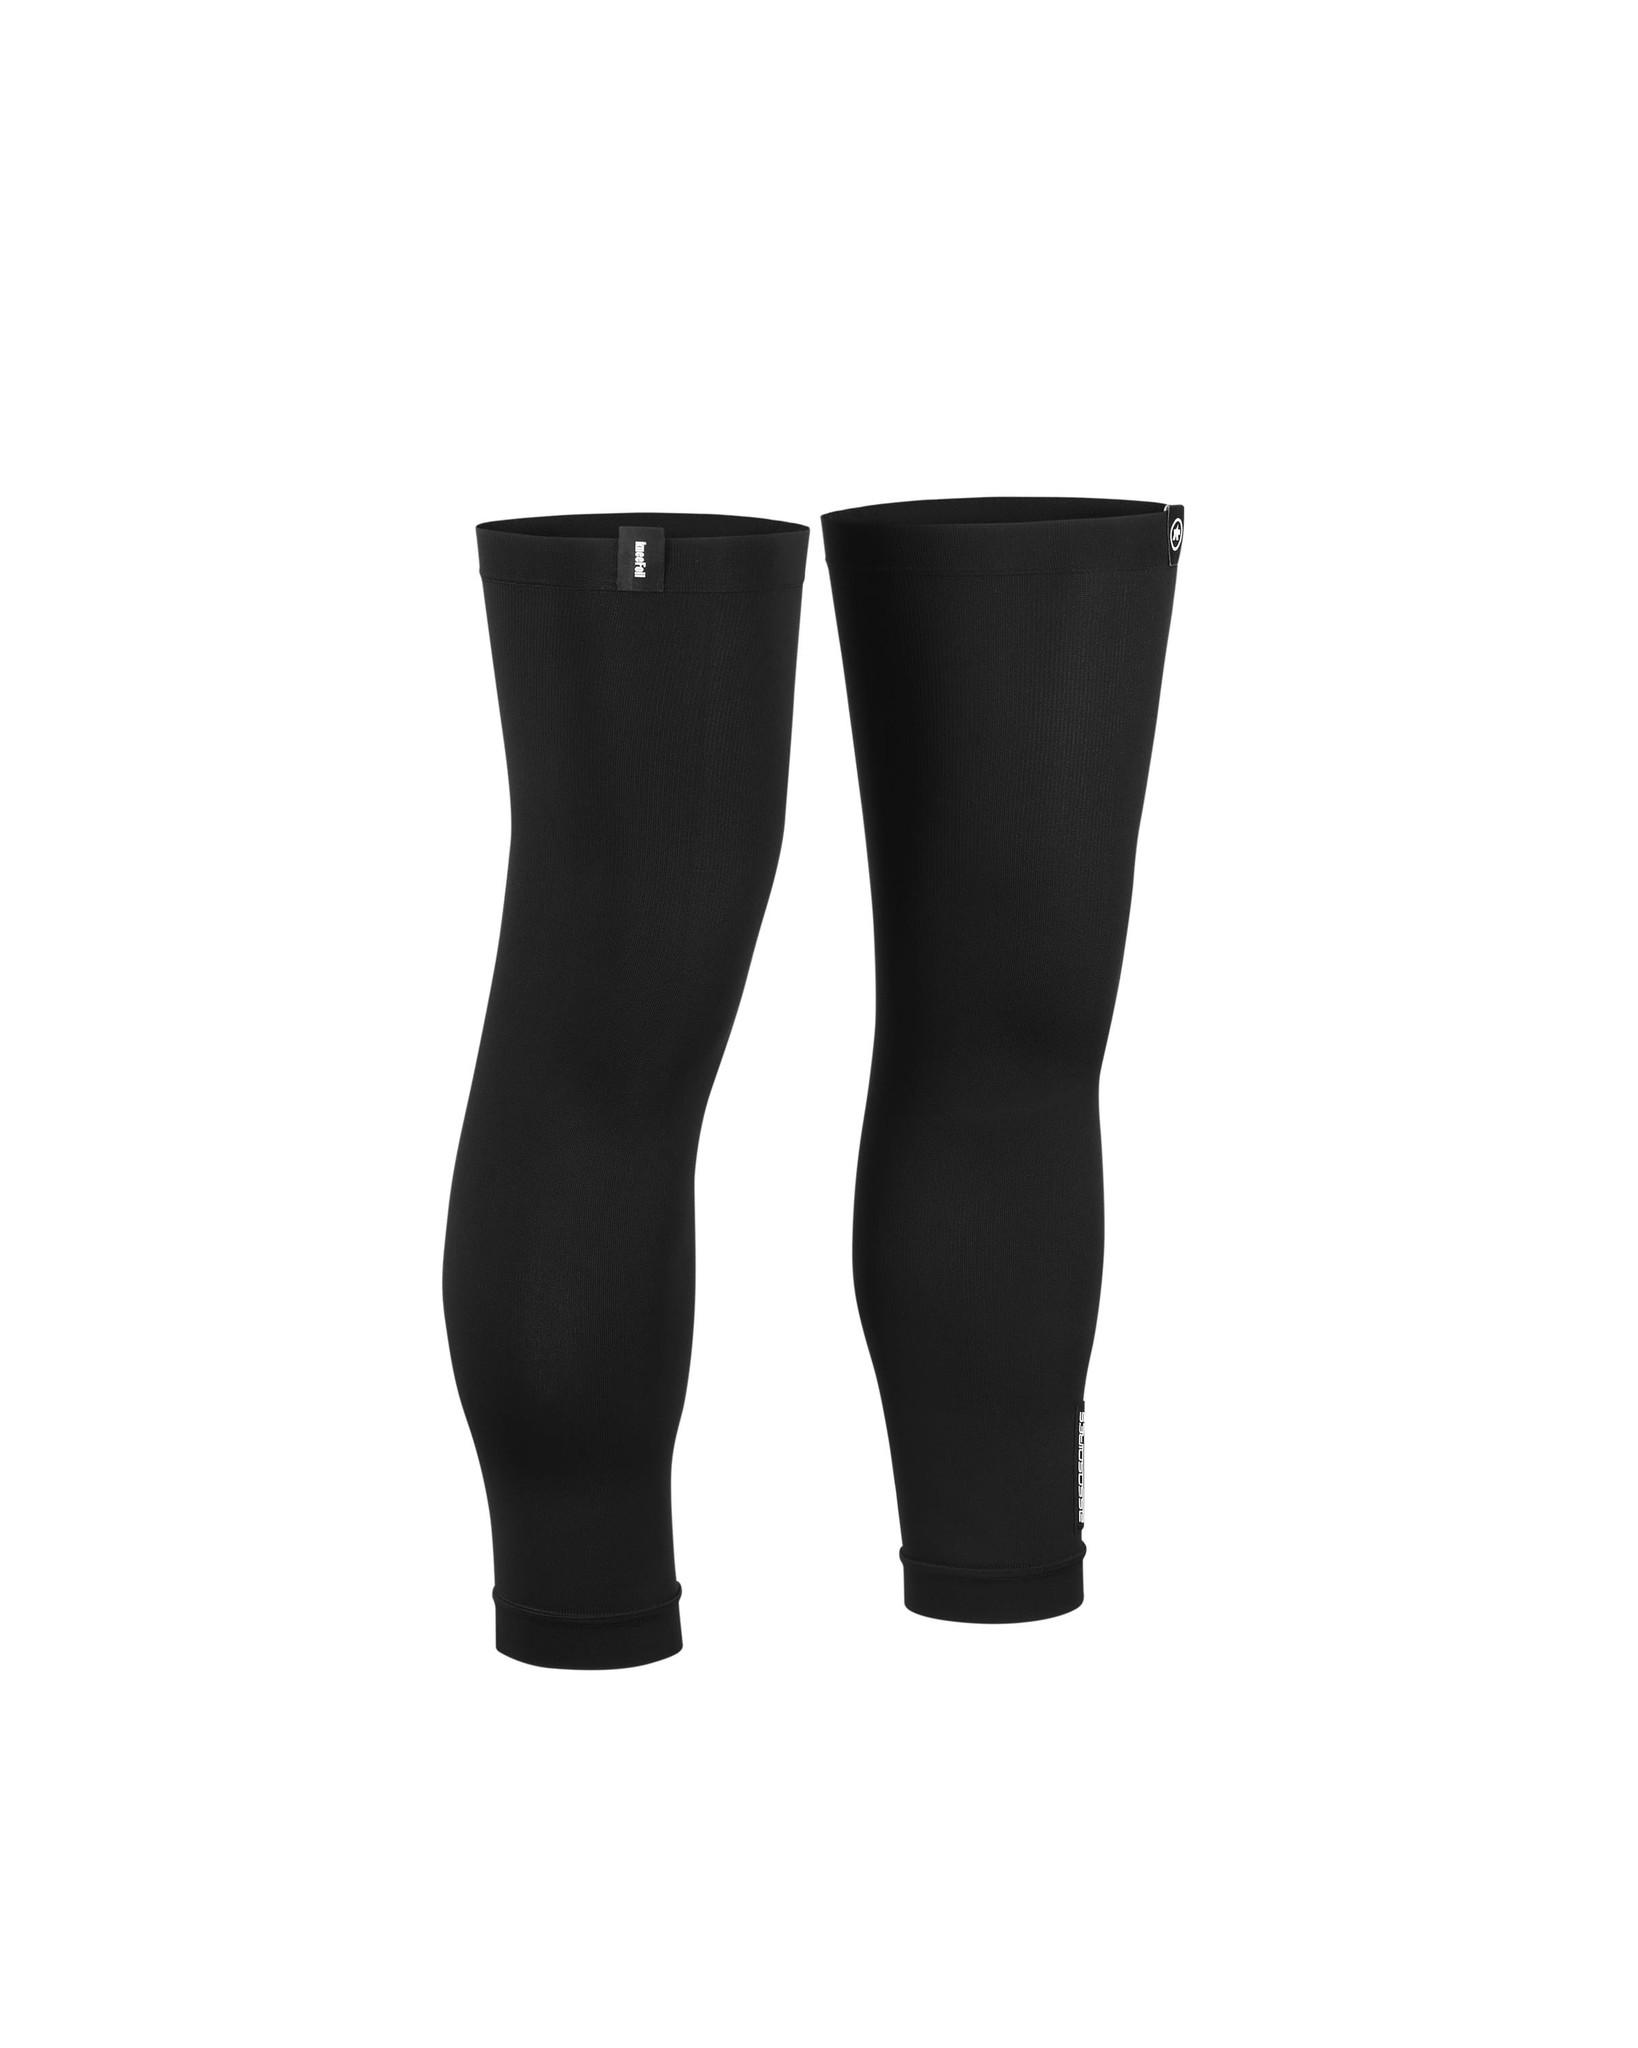 Assos ASSOSOIRES Knee Foil kniestukken zwart